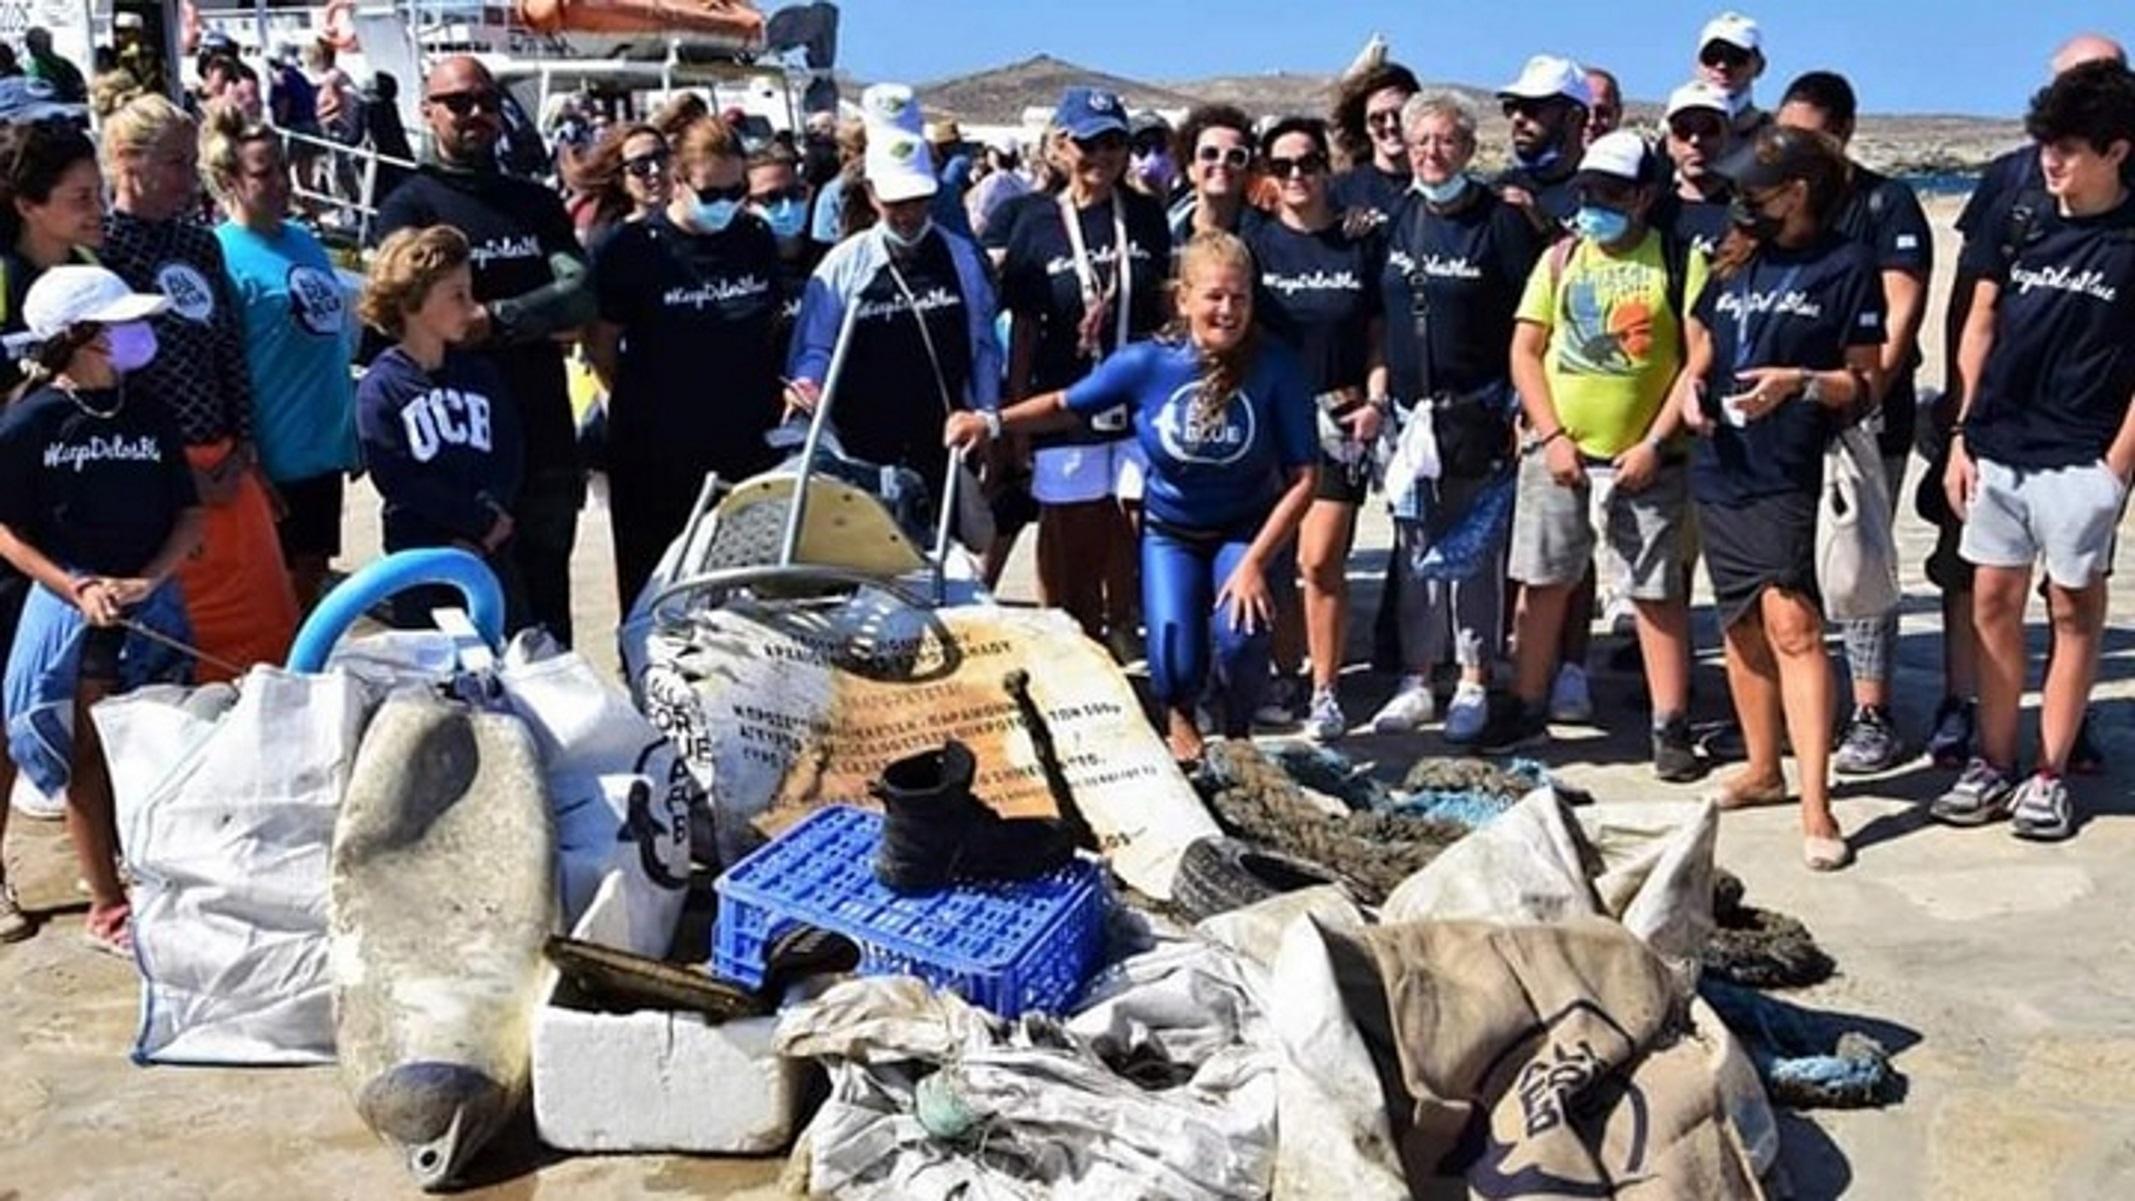 Δήλος – All For Blue: Πάνω από ένας τόνος σκουπιδιών ανασύρθηκε από τον βυθό